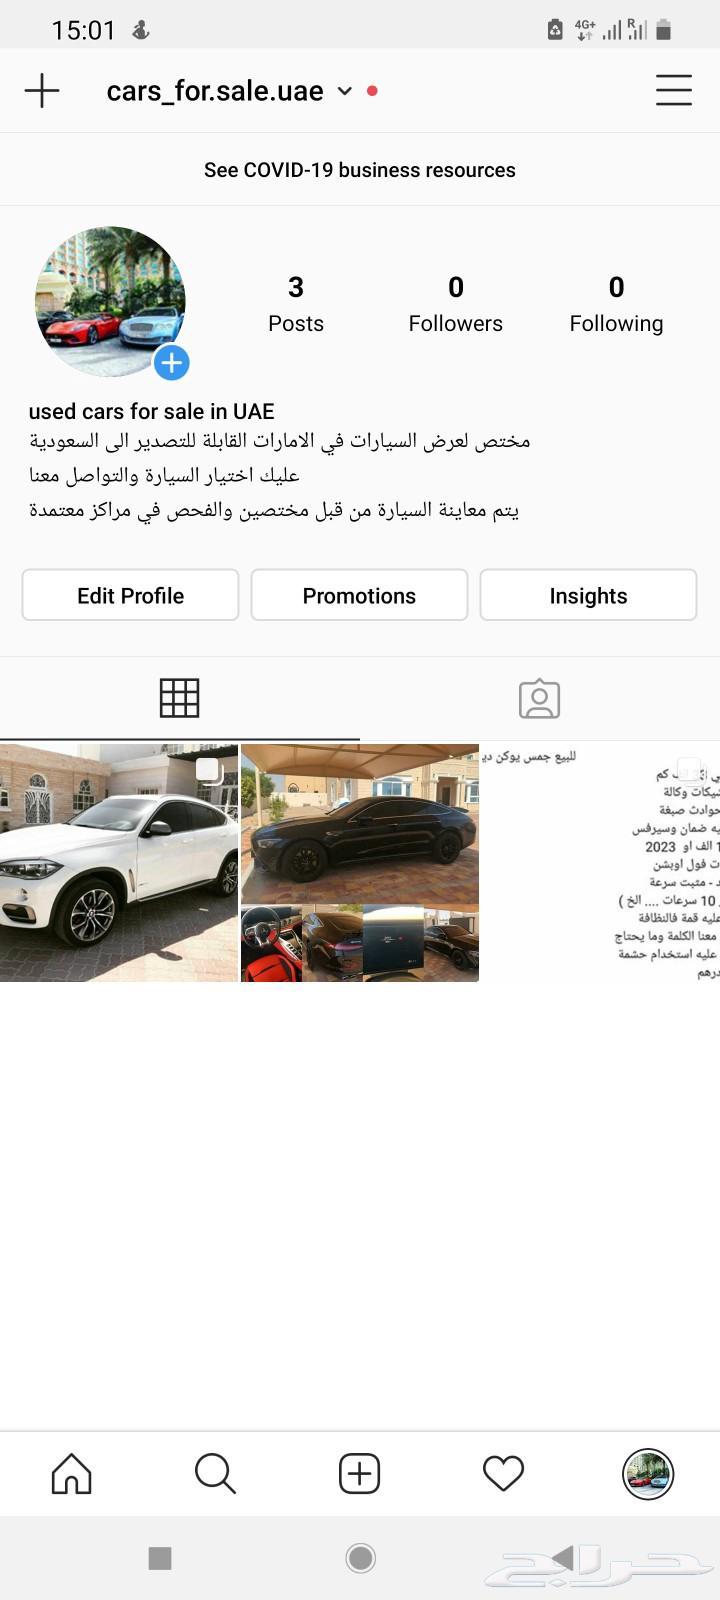 فحص وتصدير سيارات من الامارات الى السعودية